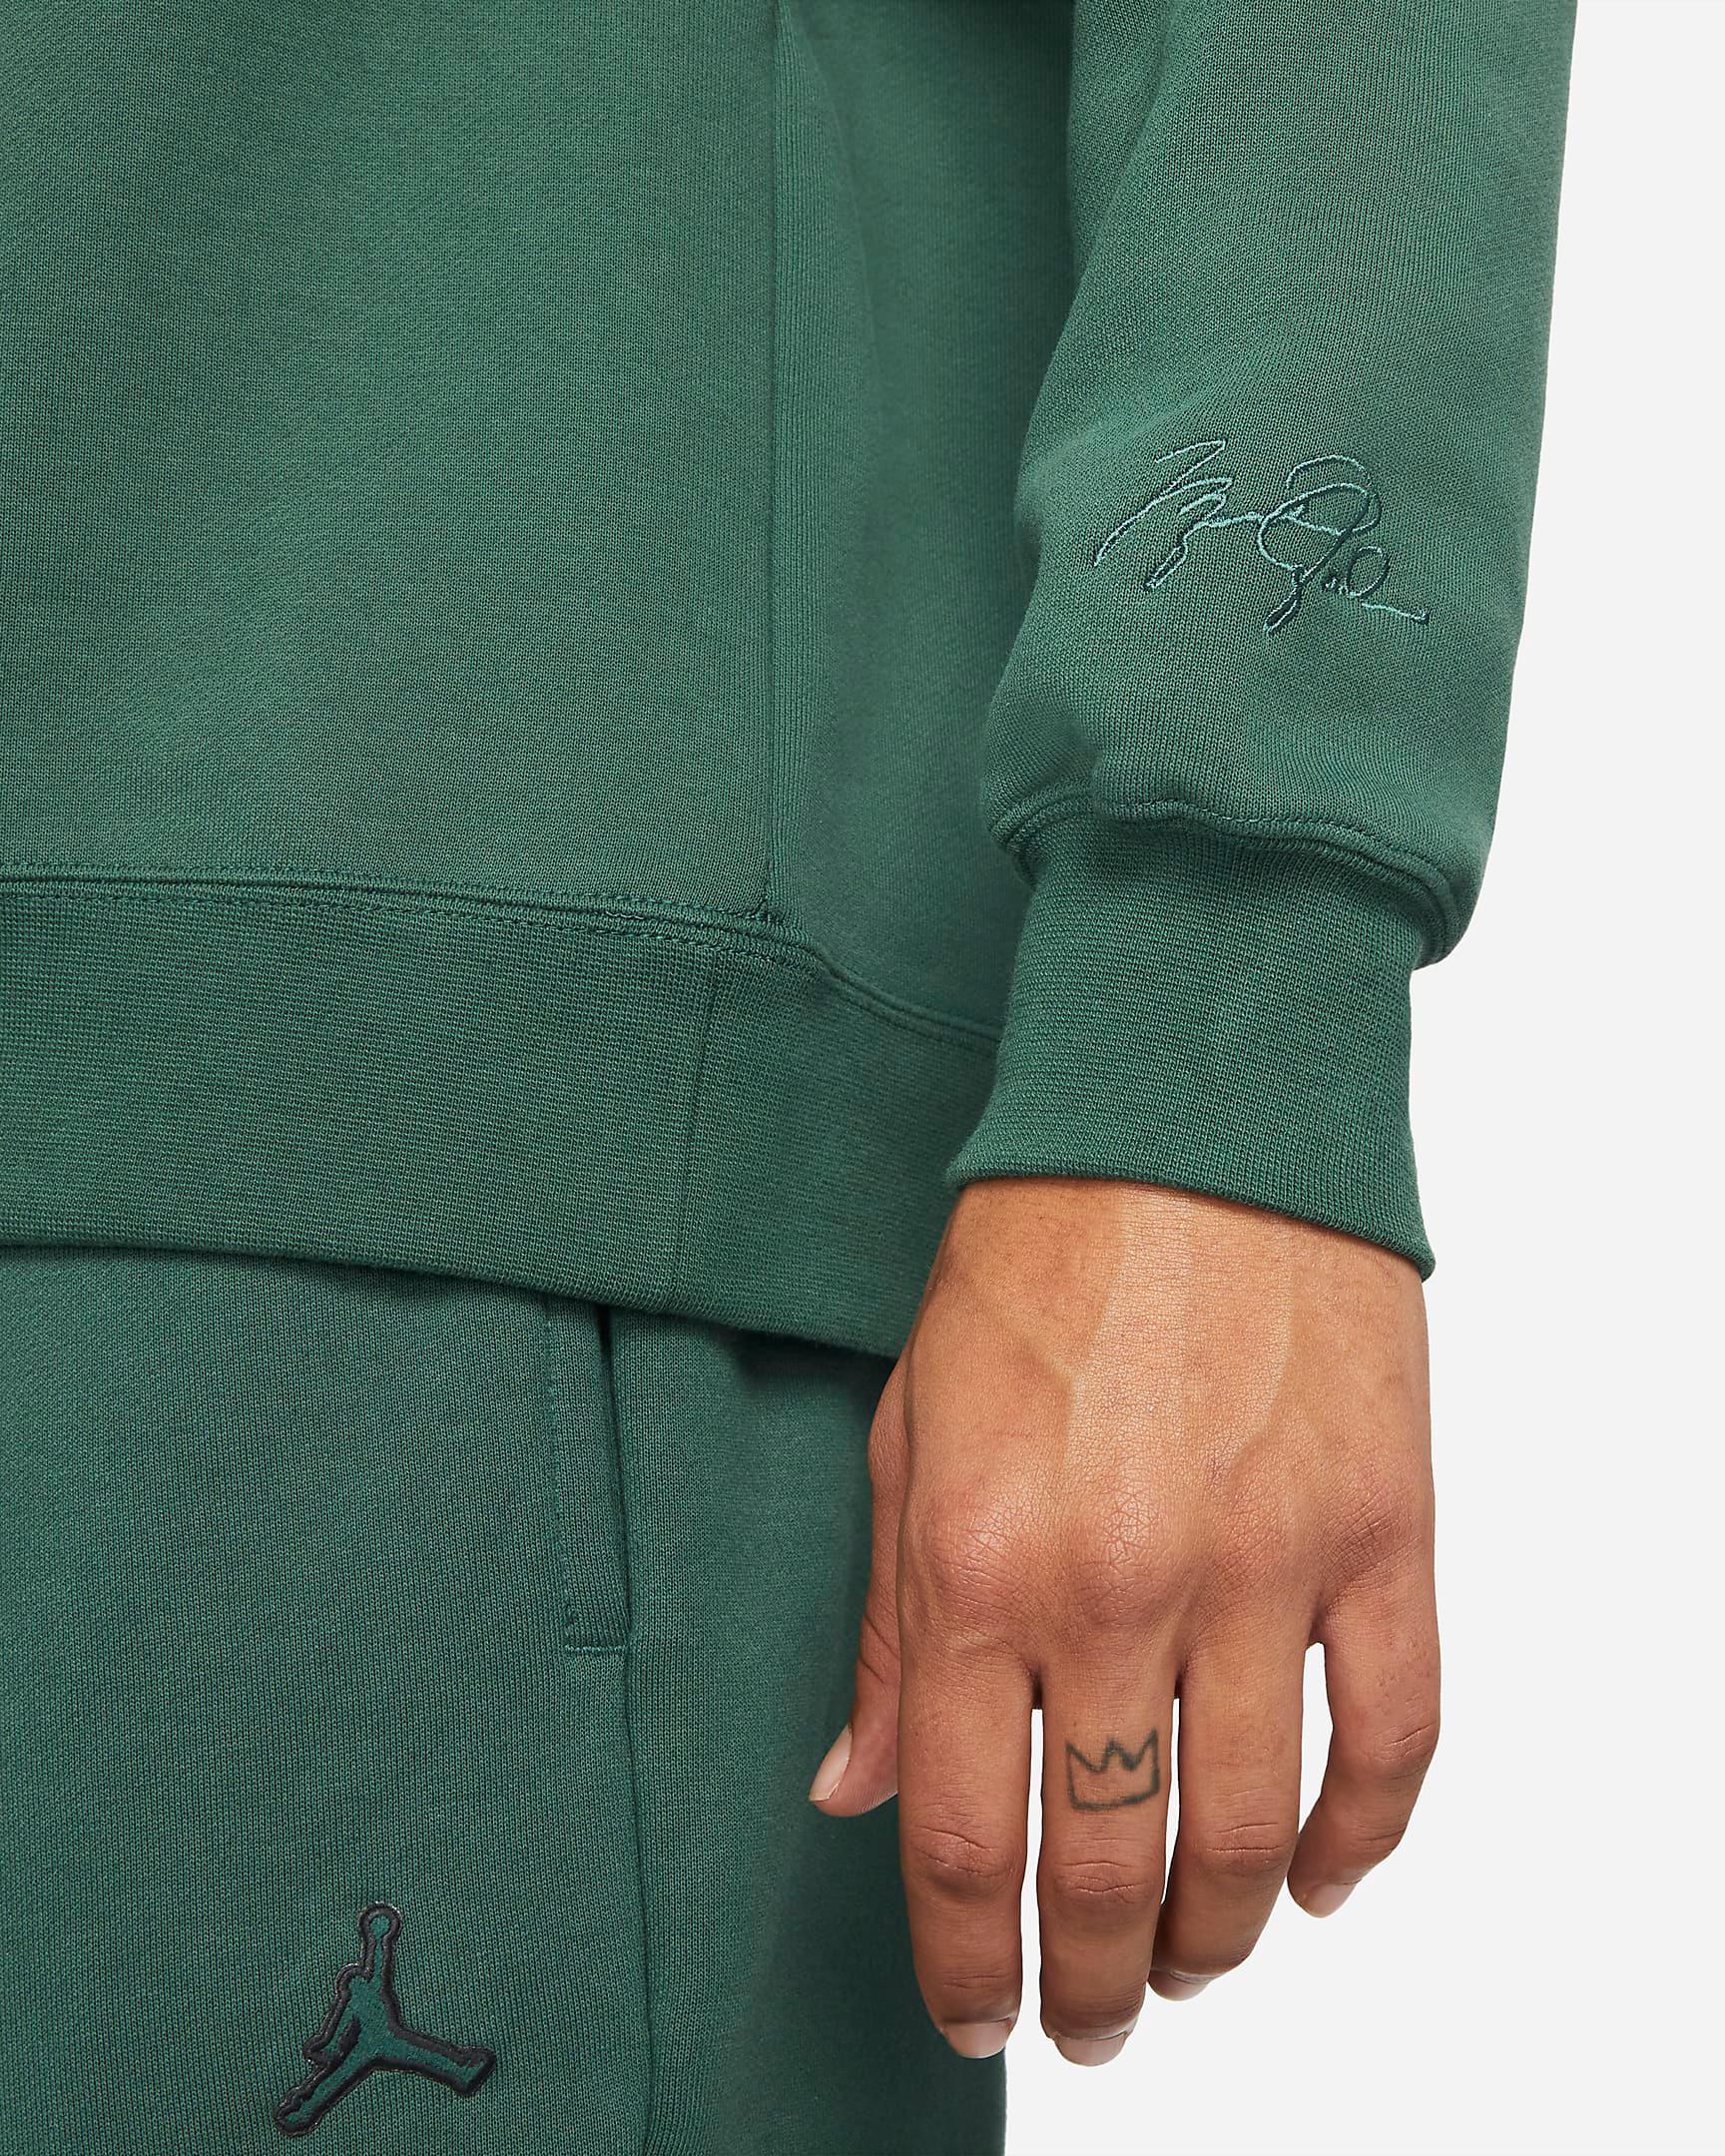 jordan-noble-green-statement-crew-sweatshirt-3